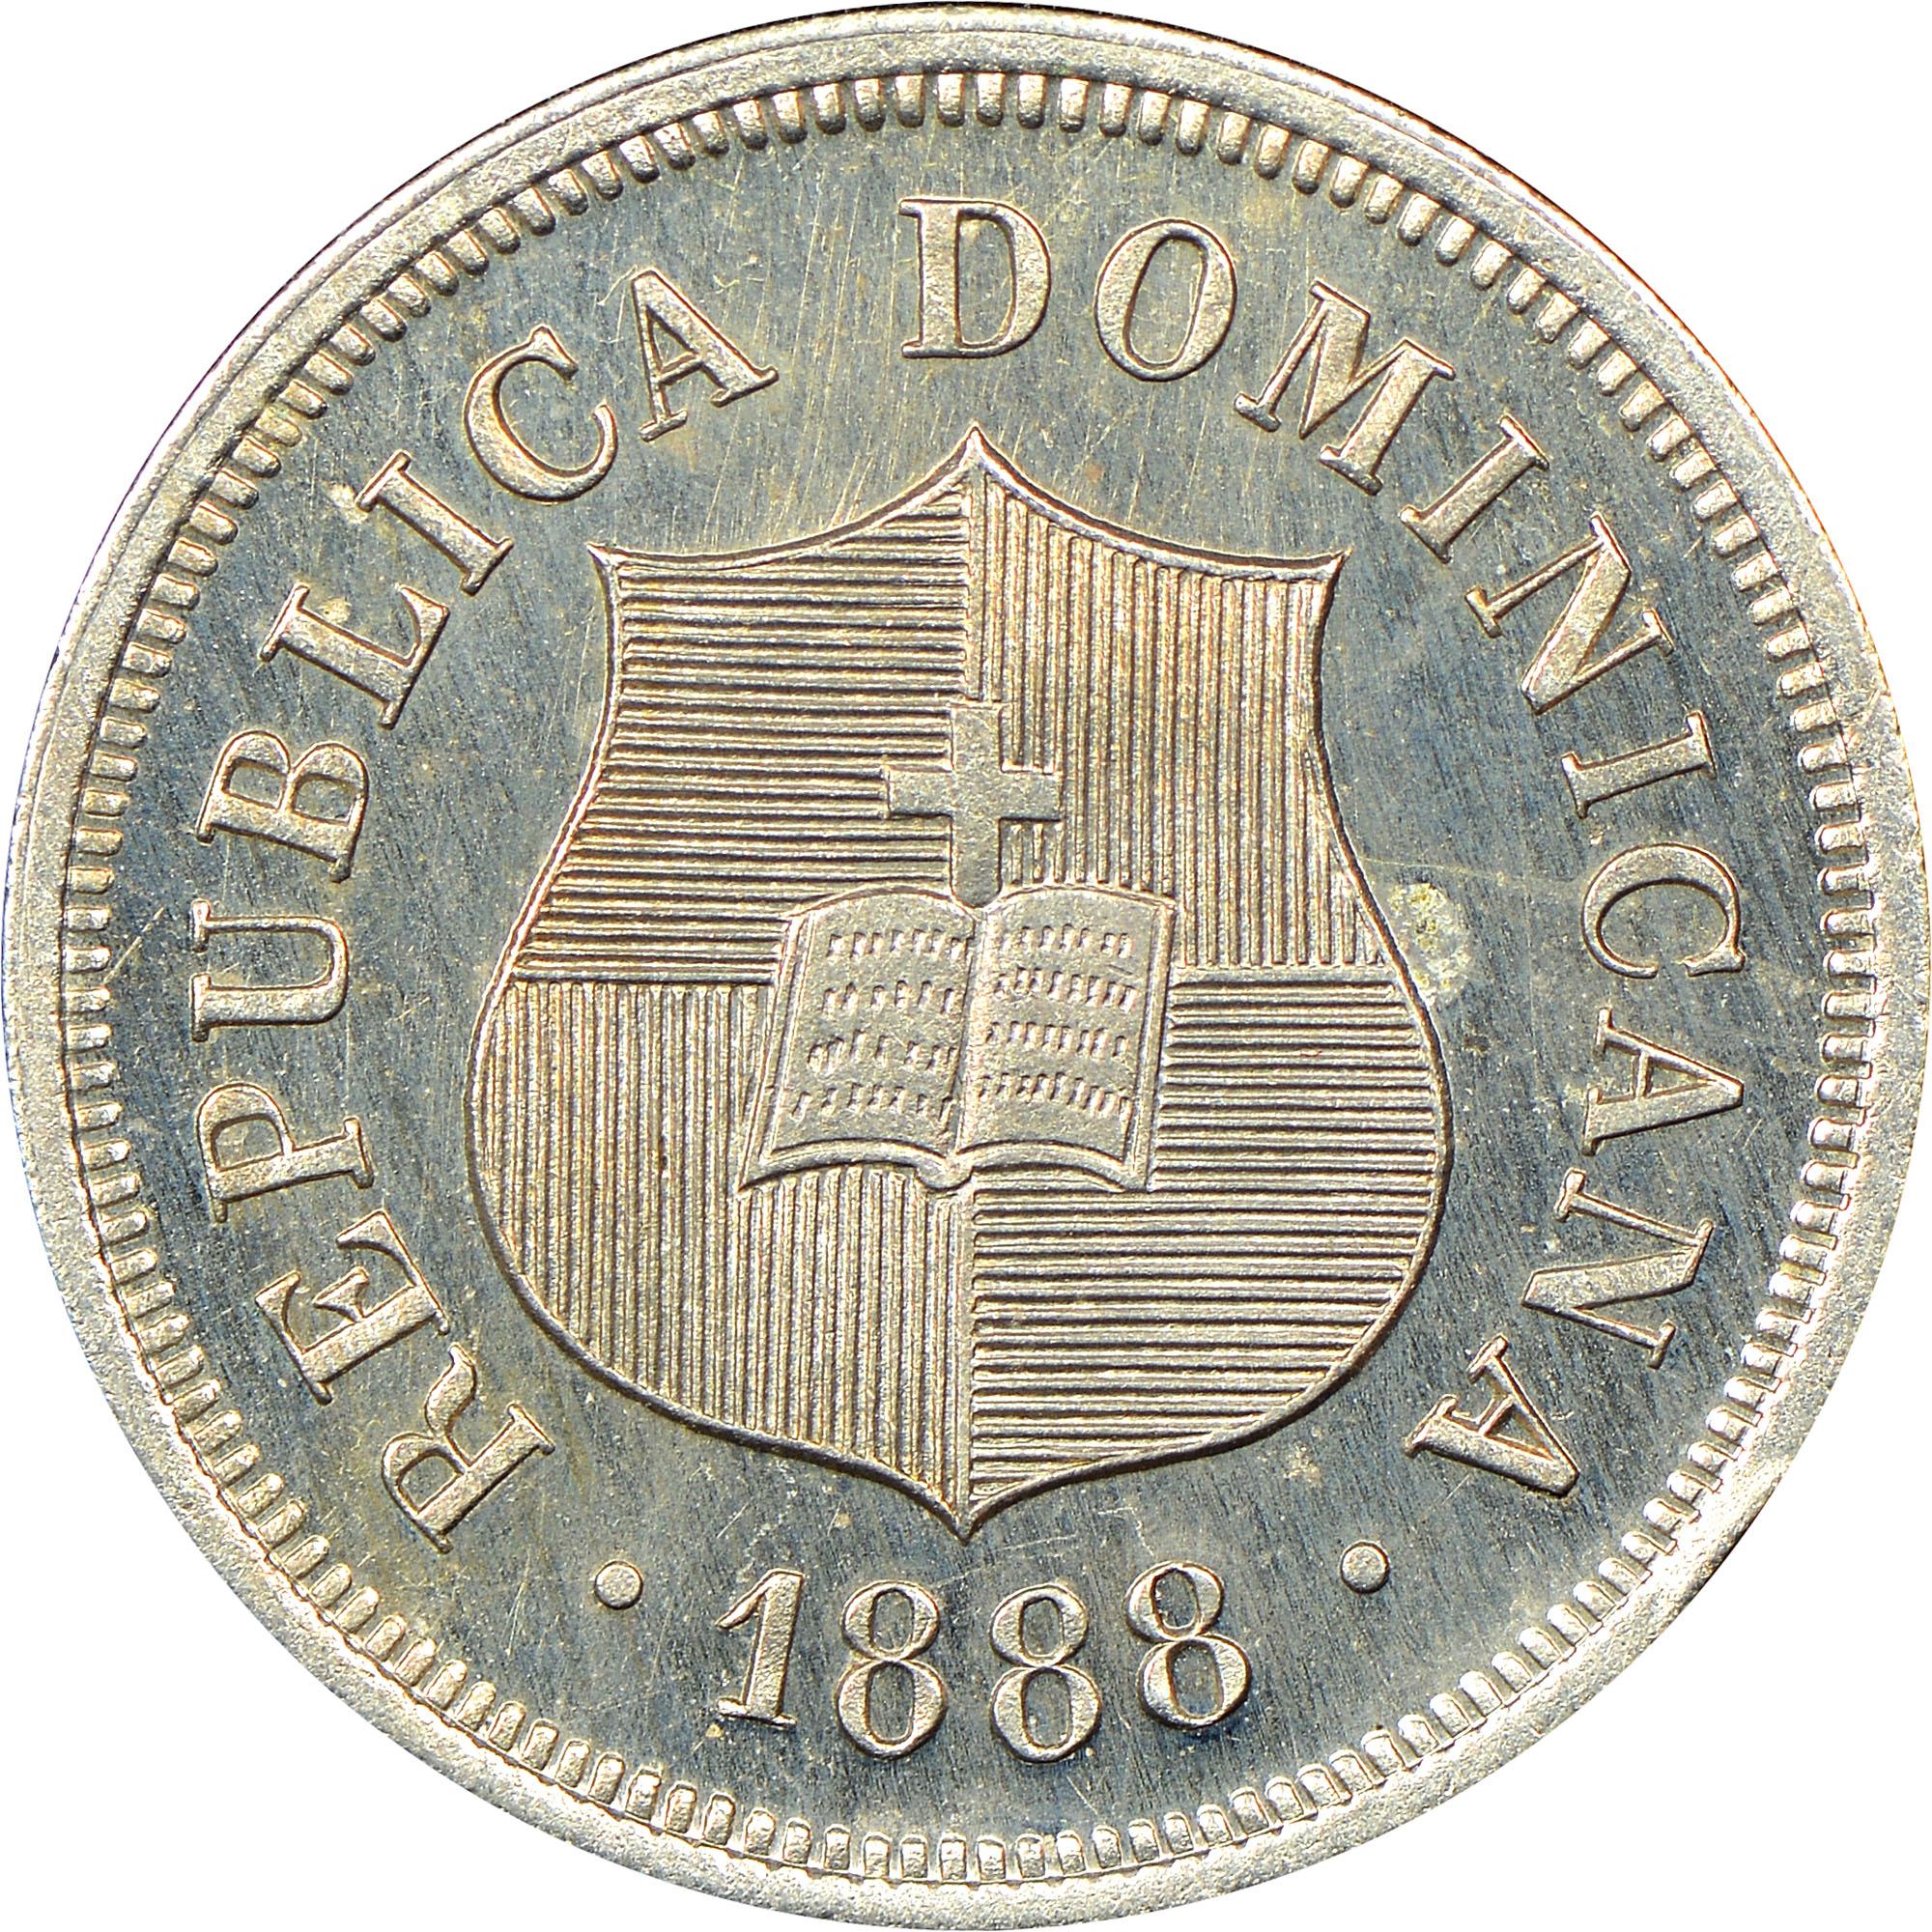 Dominican Republic 1-1/4 Centavos obverse